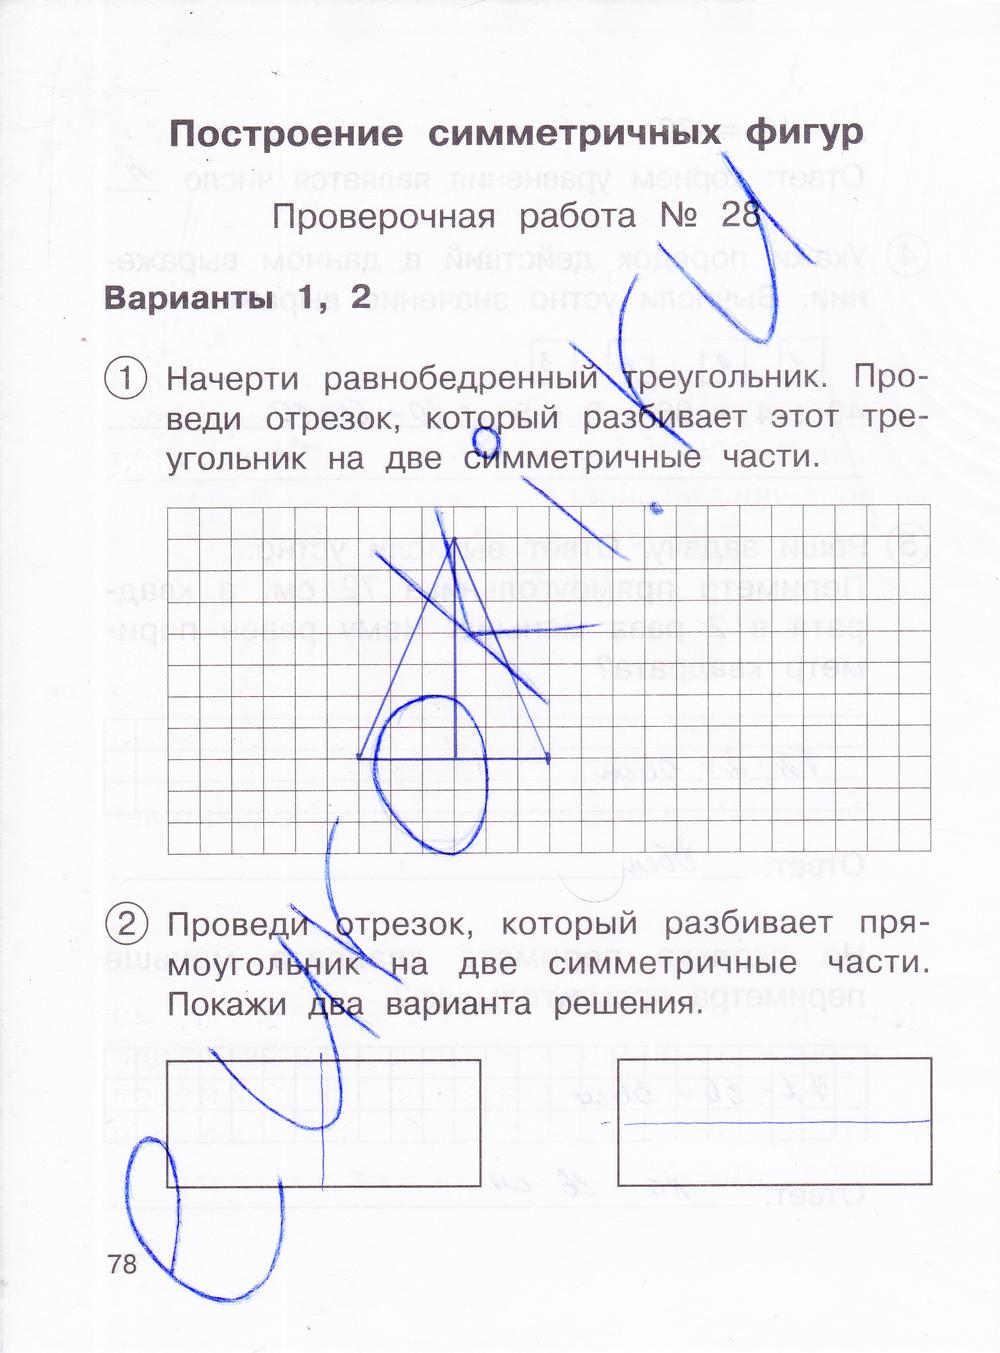 Работ 3 контрольных по часть гдз 2 математике класс янычева чуракова